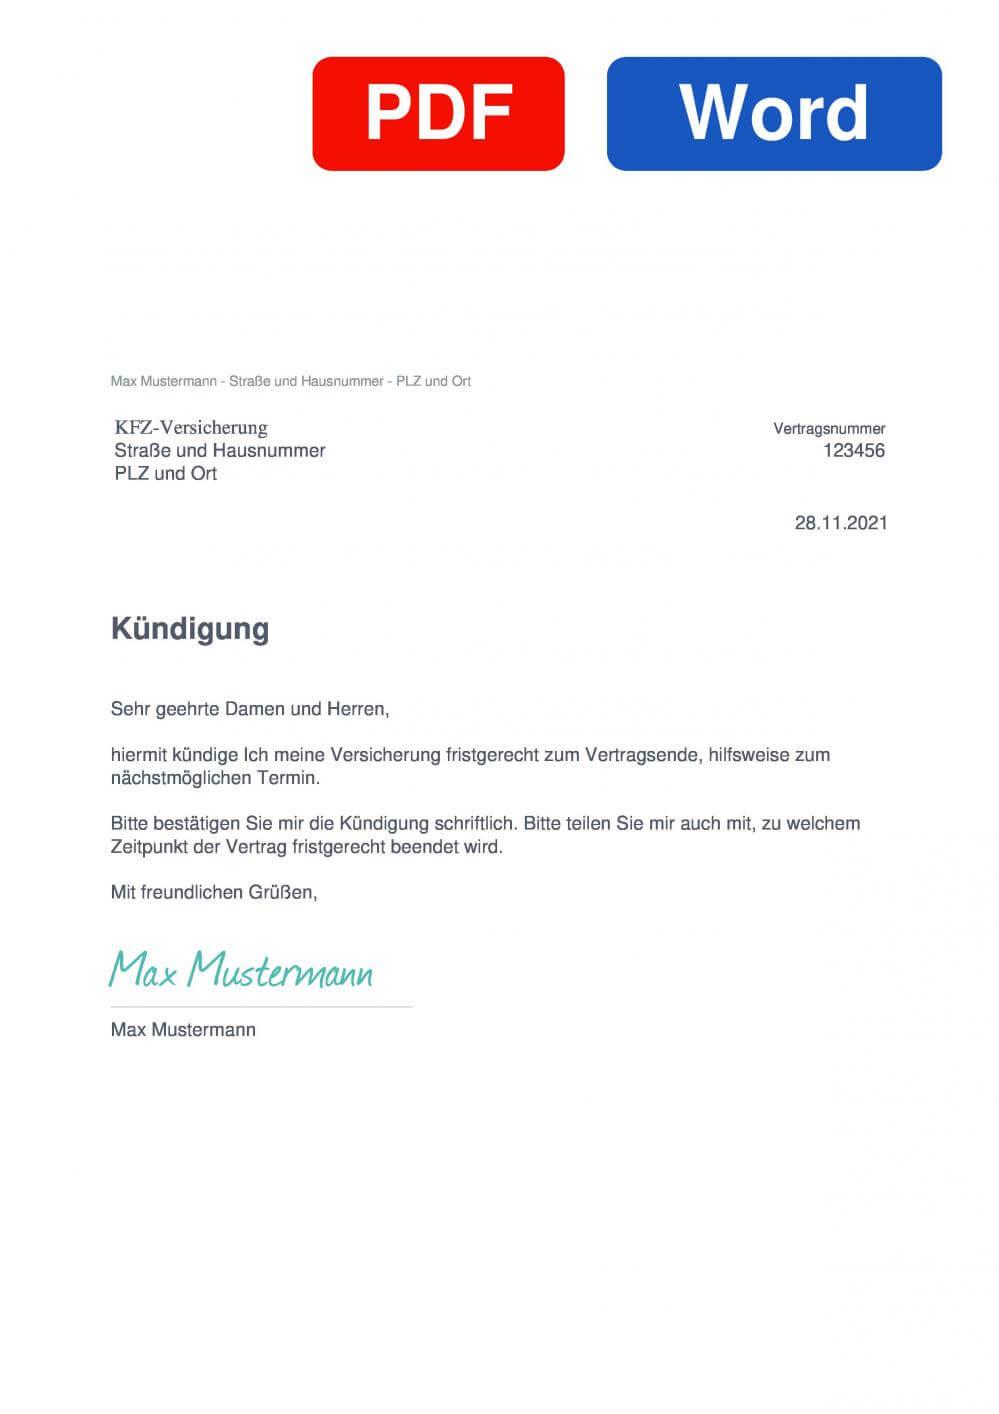 KFZ-Versicherung Muster Vorlage für Kündigungsschreiben